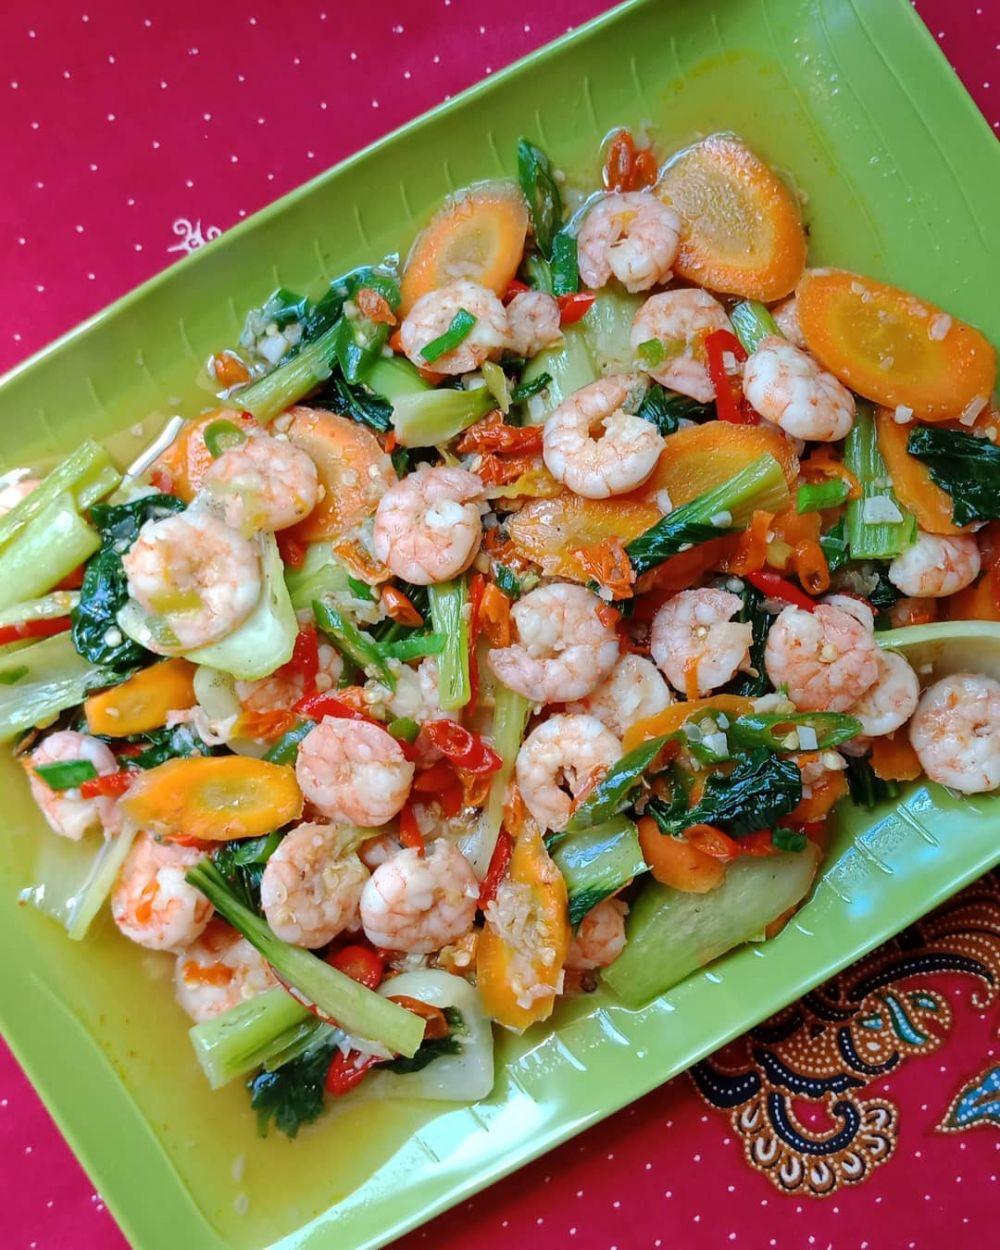 Resep masakan sederhana selama ramadhan Instagram